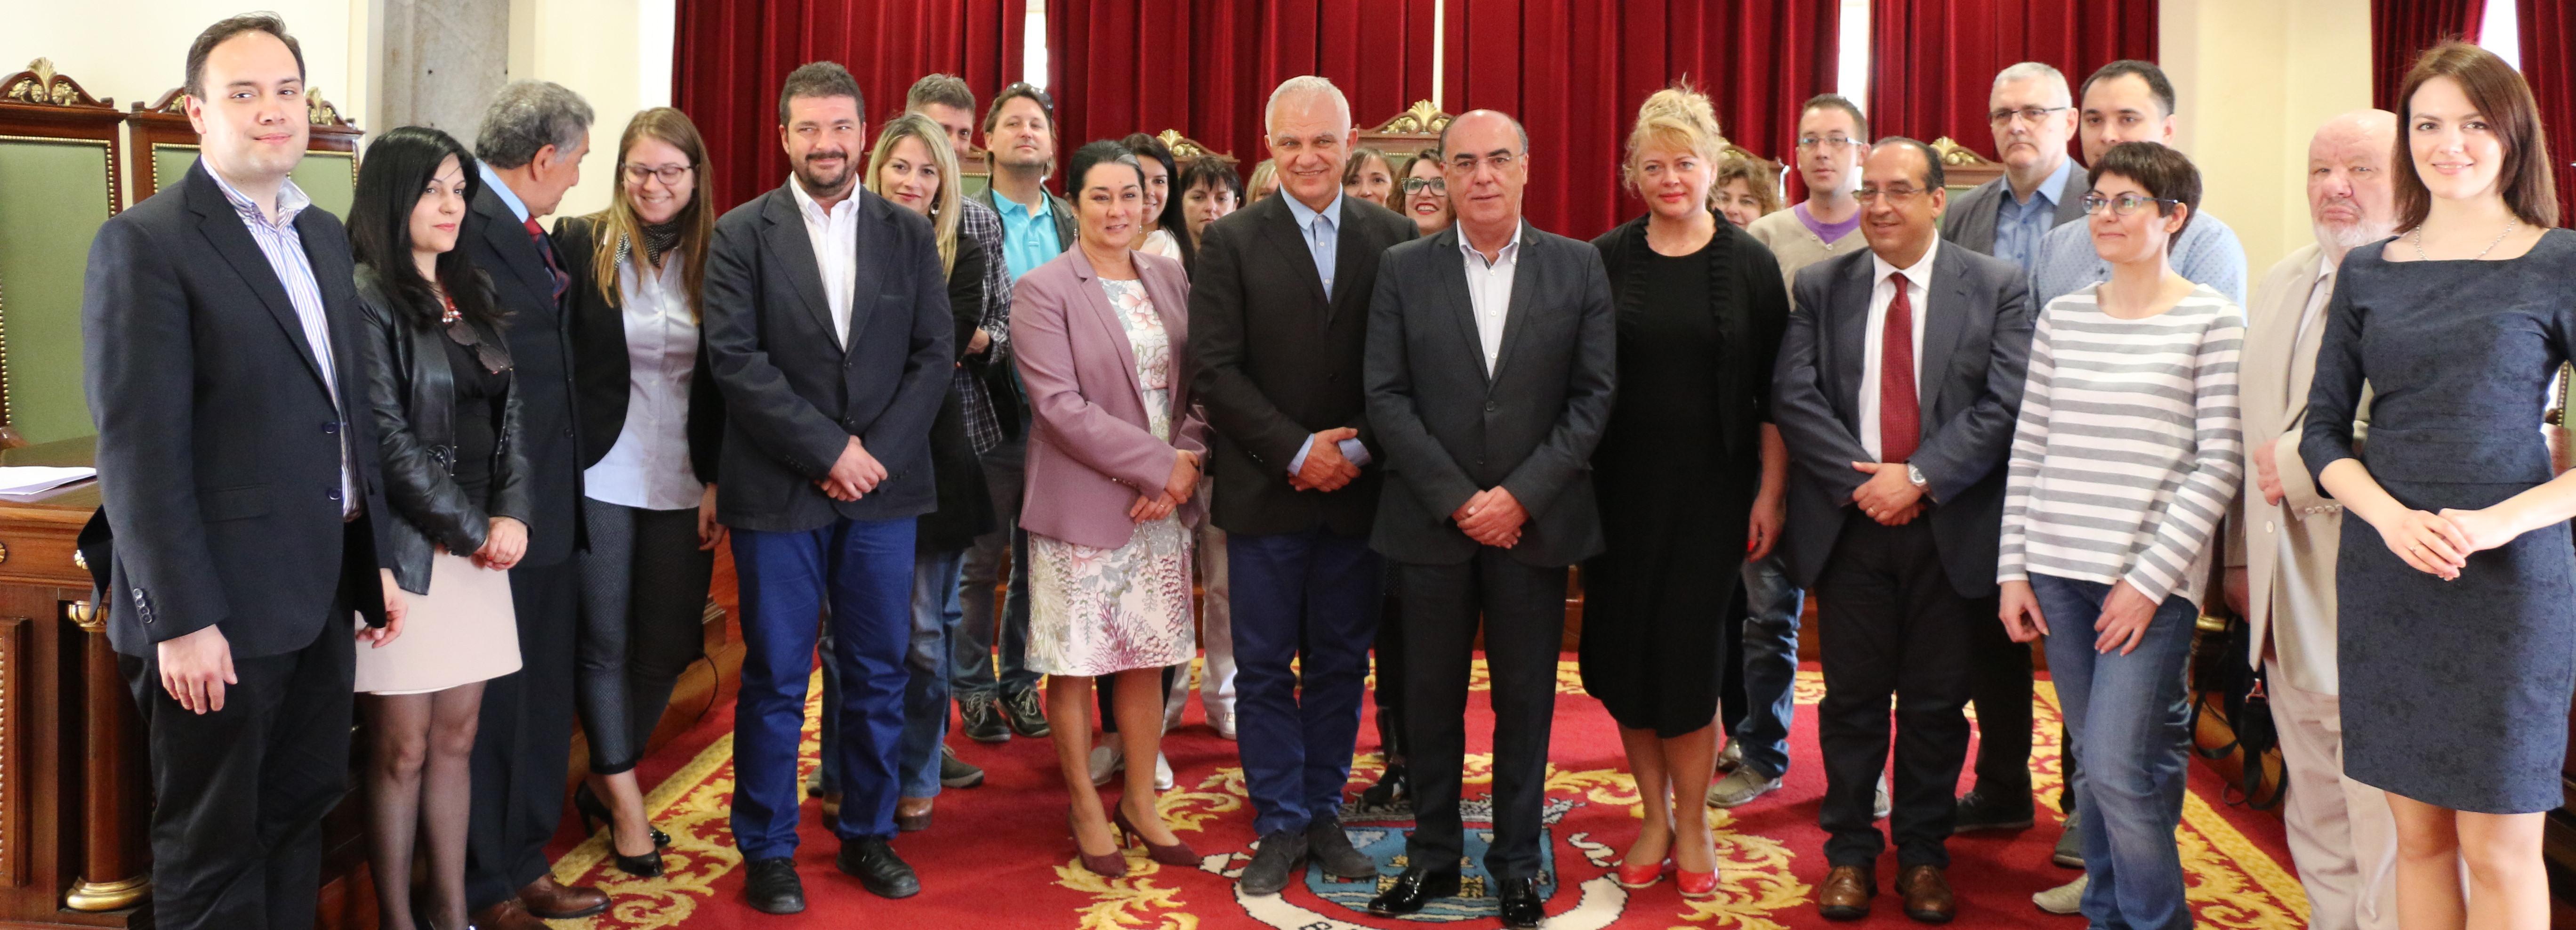 Espanha, Estónia, Hungria e Itália reúnem-se em Barcelos para debater a participação cívica e democrática na EU